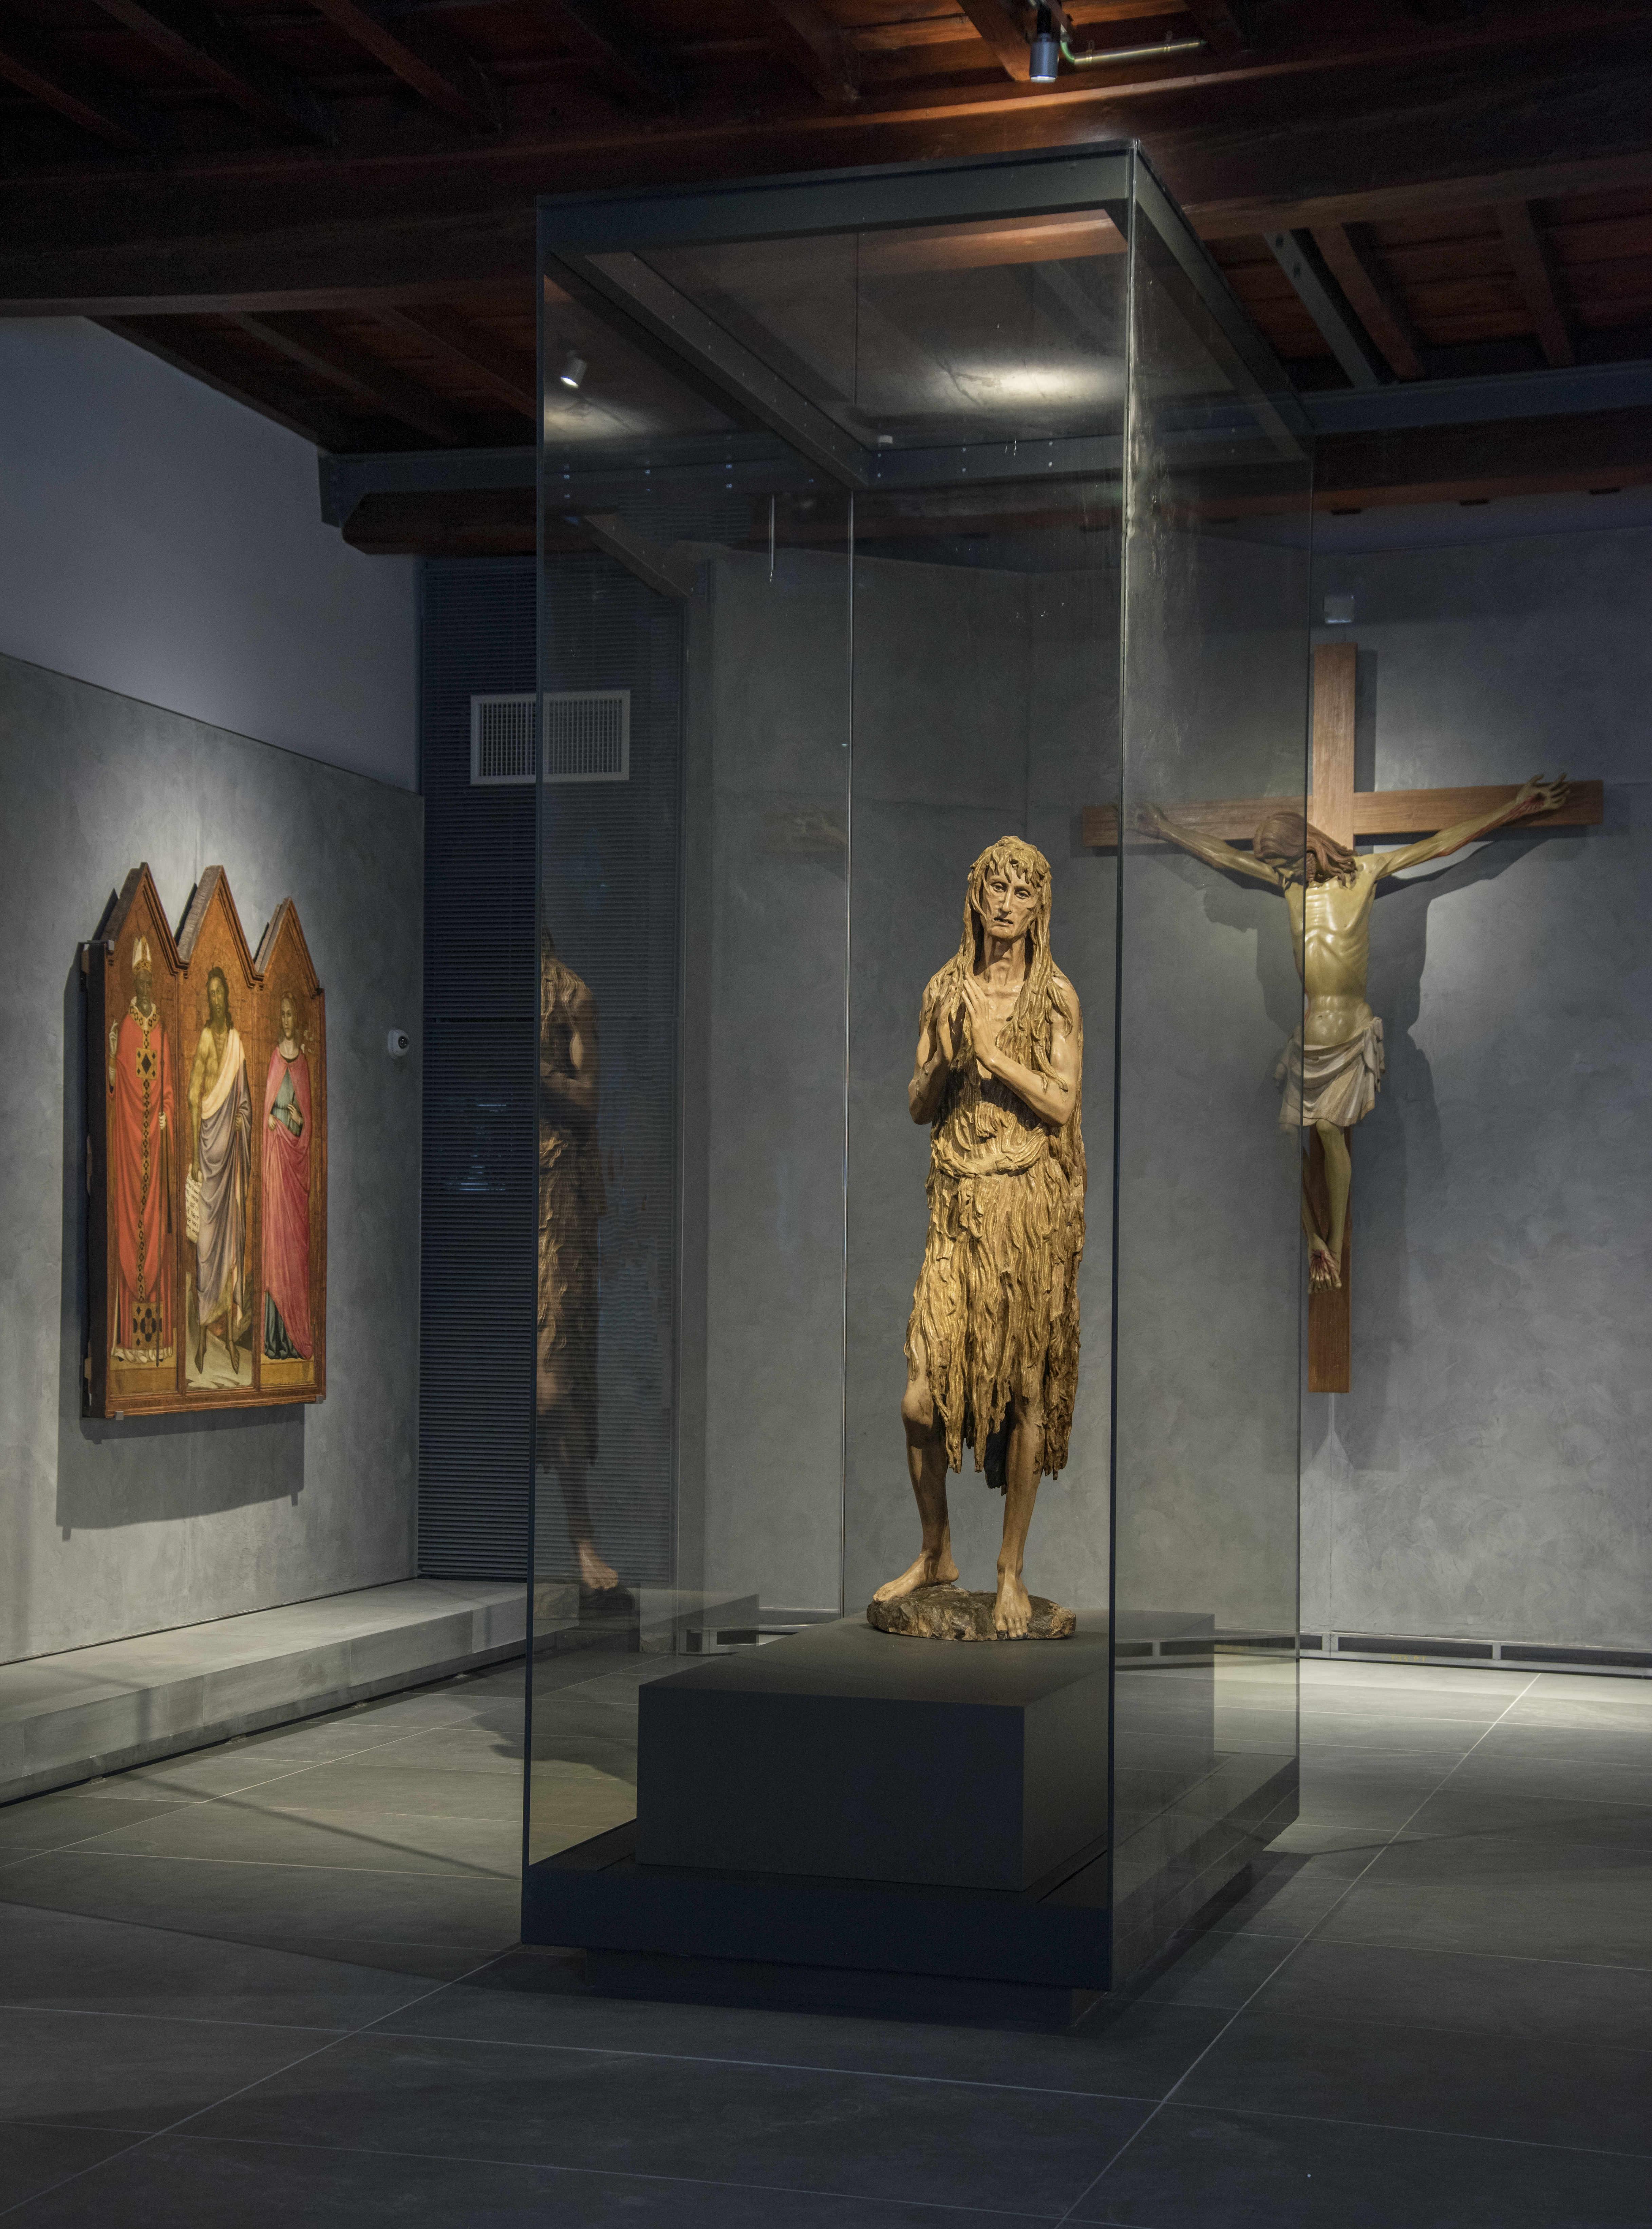 Museo Del Duomo Firenze.Opere Mai Viste Apre A Firenze Il Nuovo Museo Dell Opera Del Duomo